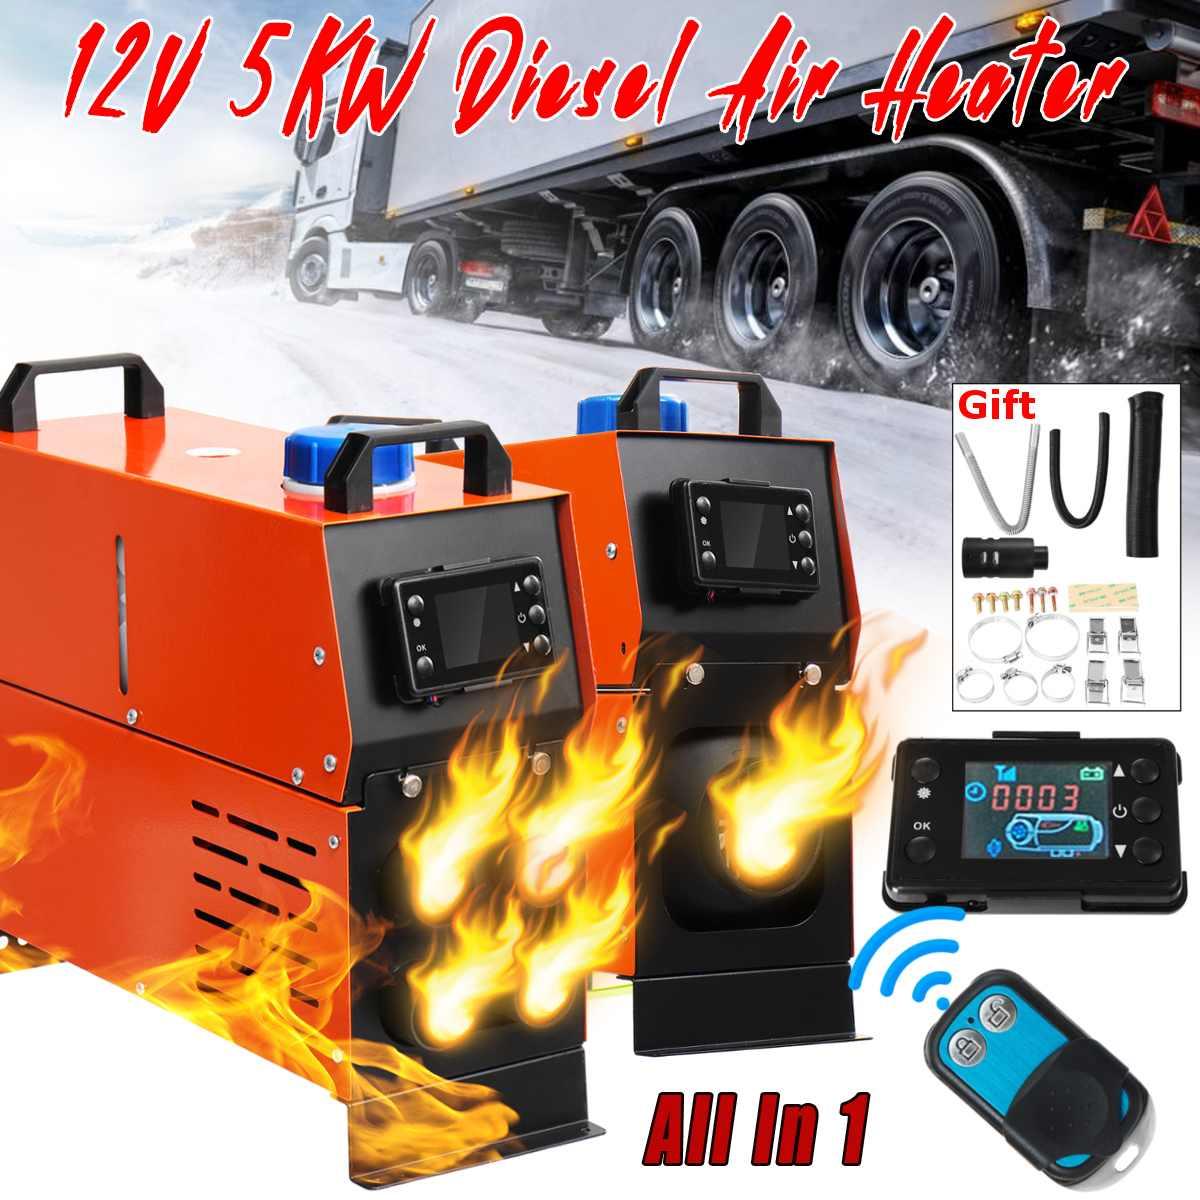 1/4 trous Diesel-Air réchauffeur 12 V 5000 W réservoir unique télécommande Thermostat caravane camping-Car RV LCD moniteur pour camions voiture bateau